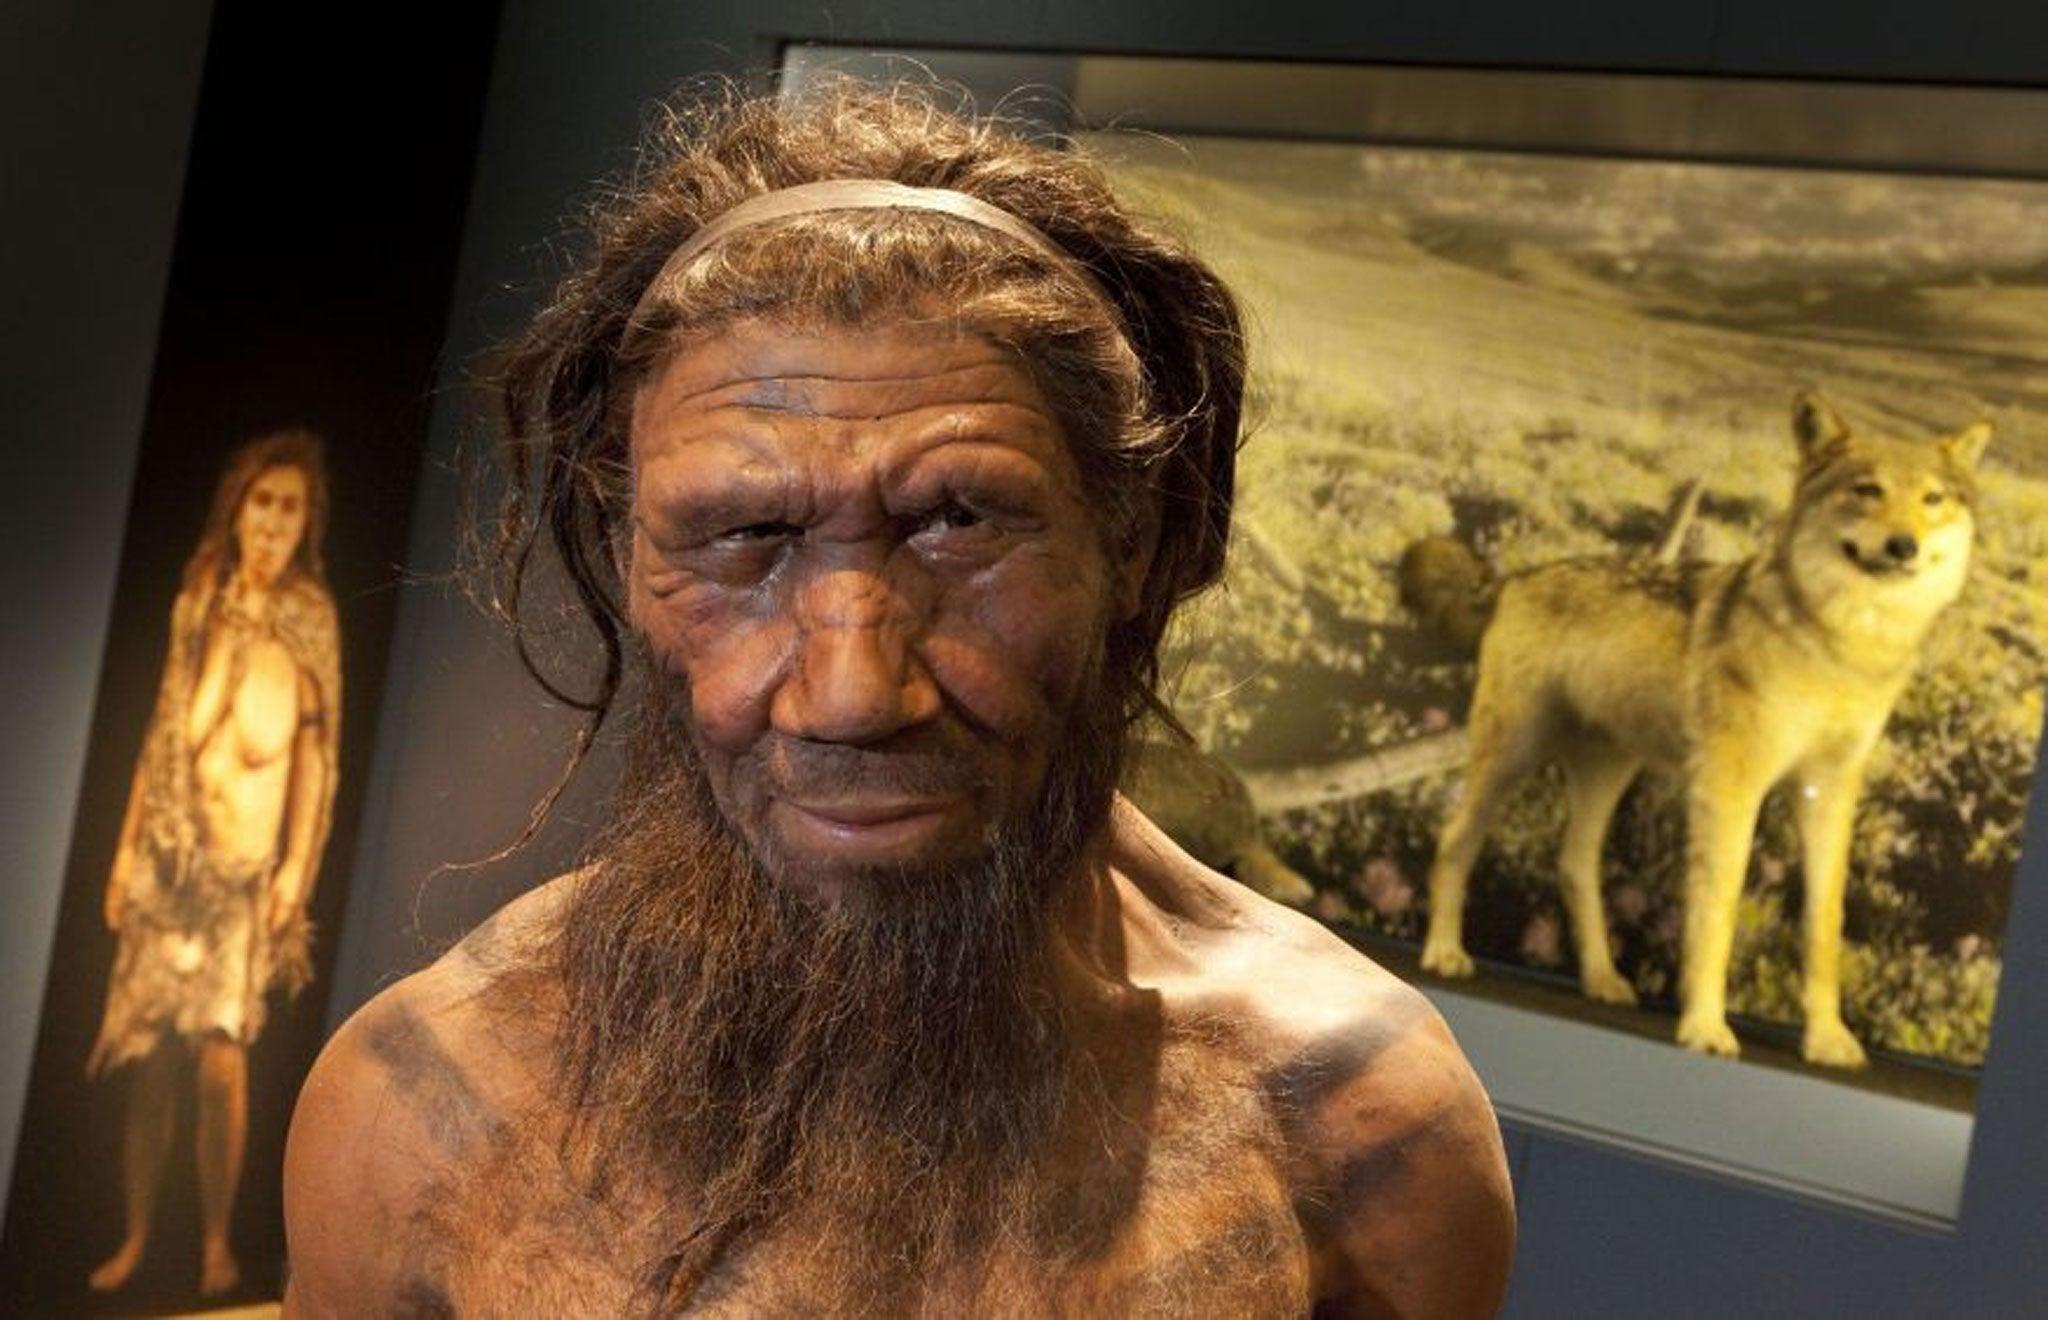 Los neandertales pueden haber tenido un umbral más bajo para el dolor